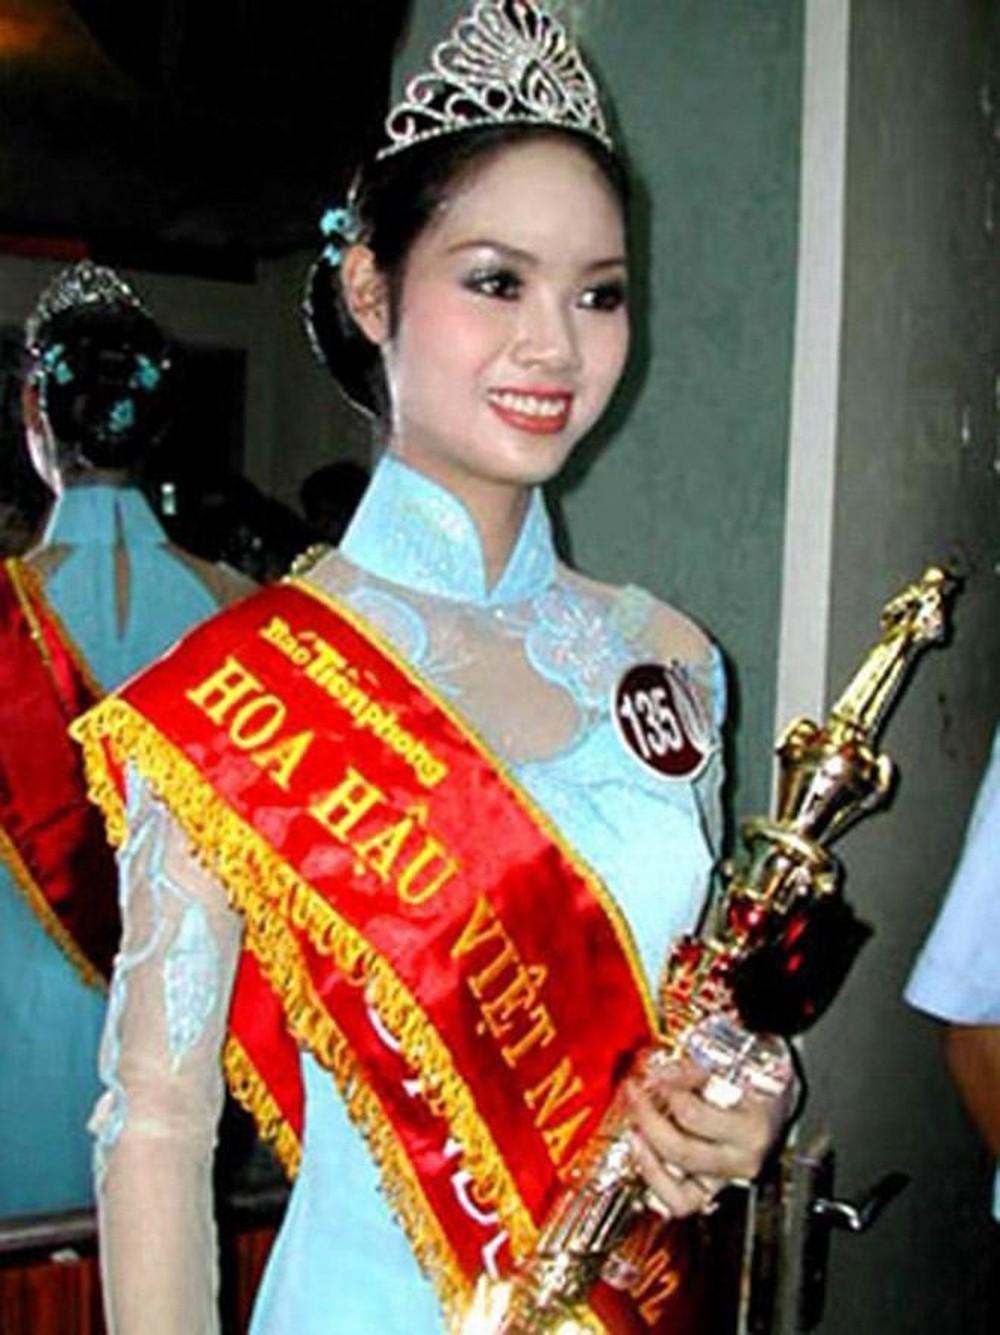 Vẻ đẹp thuần khiết của 16 cô gái thuở mới đăng quang Hoa hậu Việt Nam: Chờ đợi nhan sắc kế nhiệm Tiểu Vy Ảnh 18